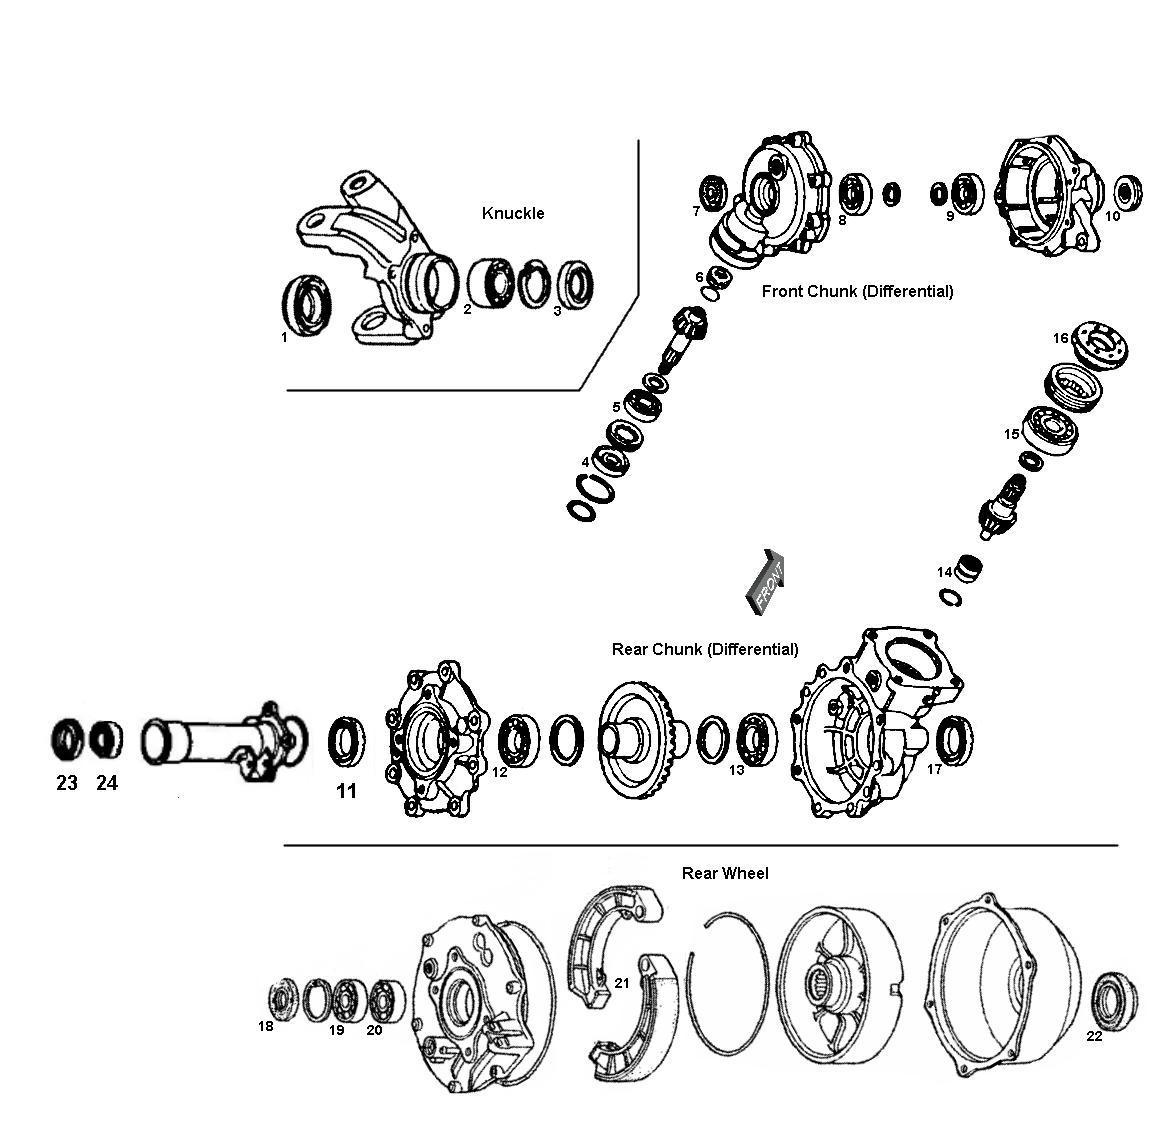 2003 honda foreman rear end diagram free download wiring diagram honda foreman 450 parts diagram images diagram design ideas honda atv parts hyperparts pooptronica honda foreman es parts winch solenoid wiring diagram pooptronica Gallery